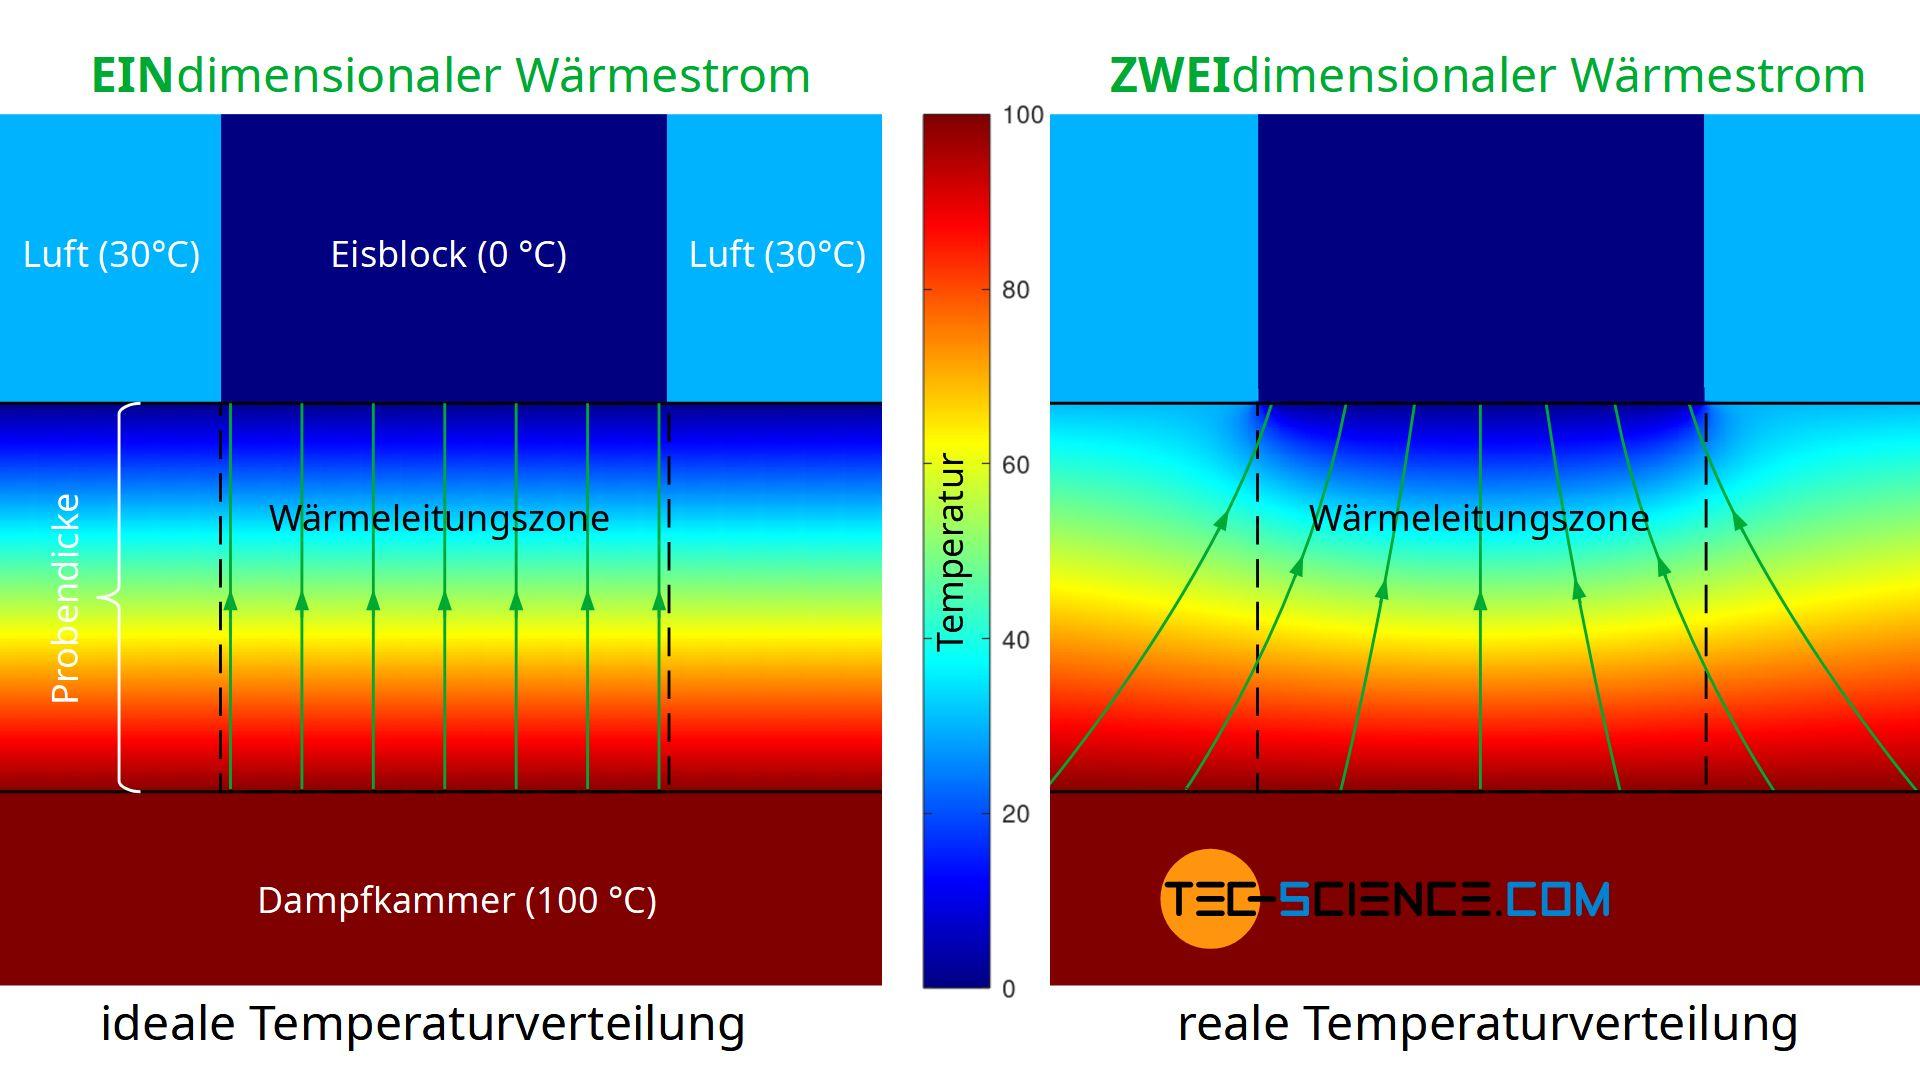 Temperaturverteilung in der Probe (zweidimensionaler Wärmestrom)